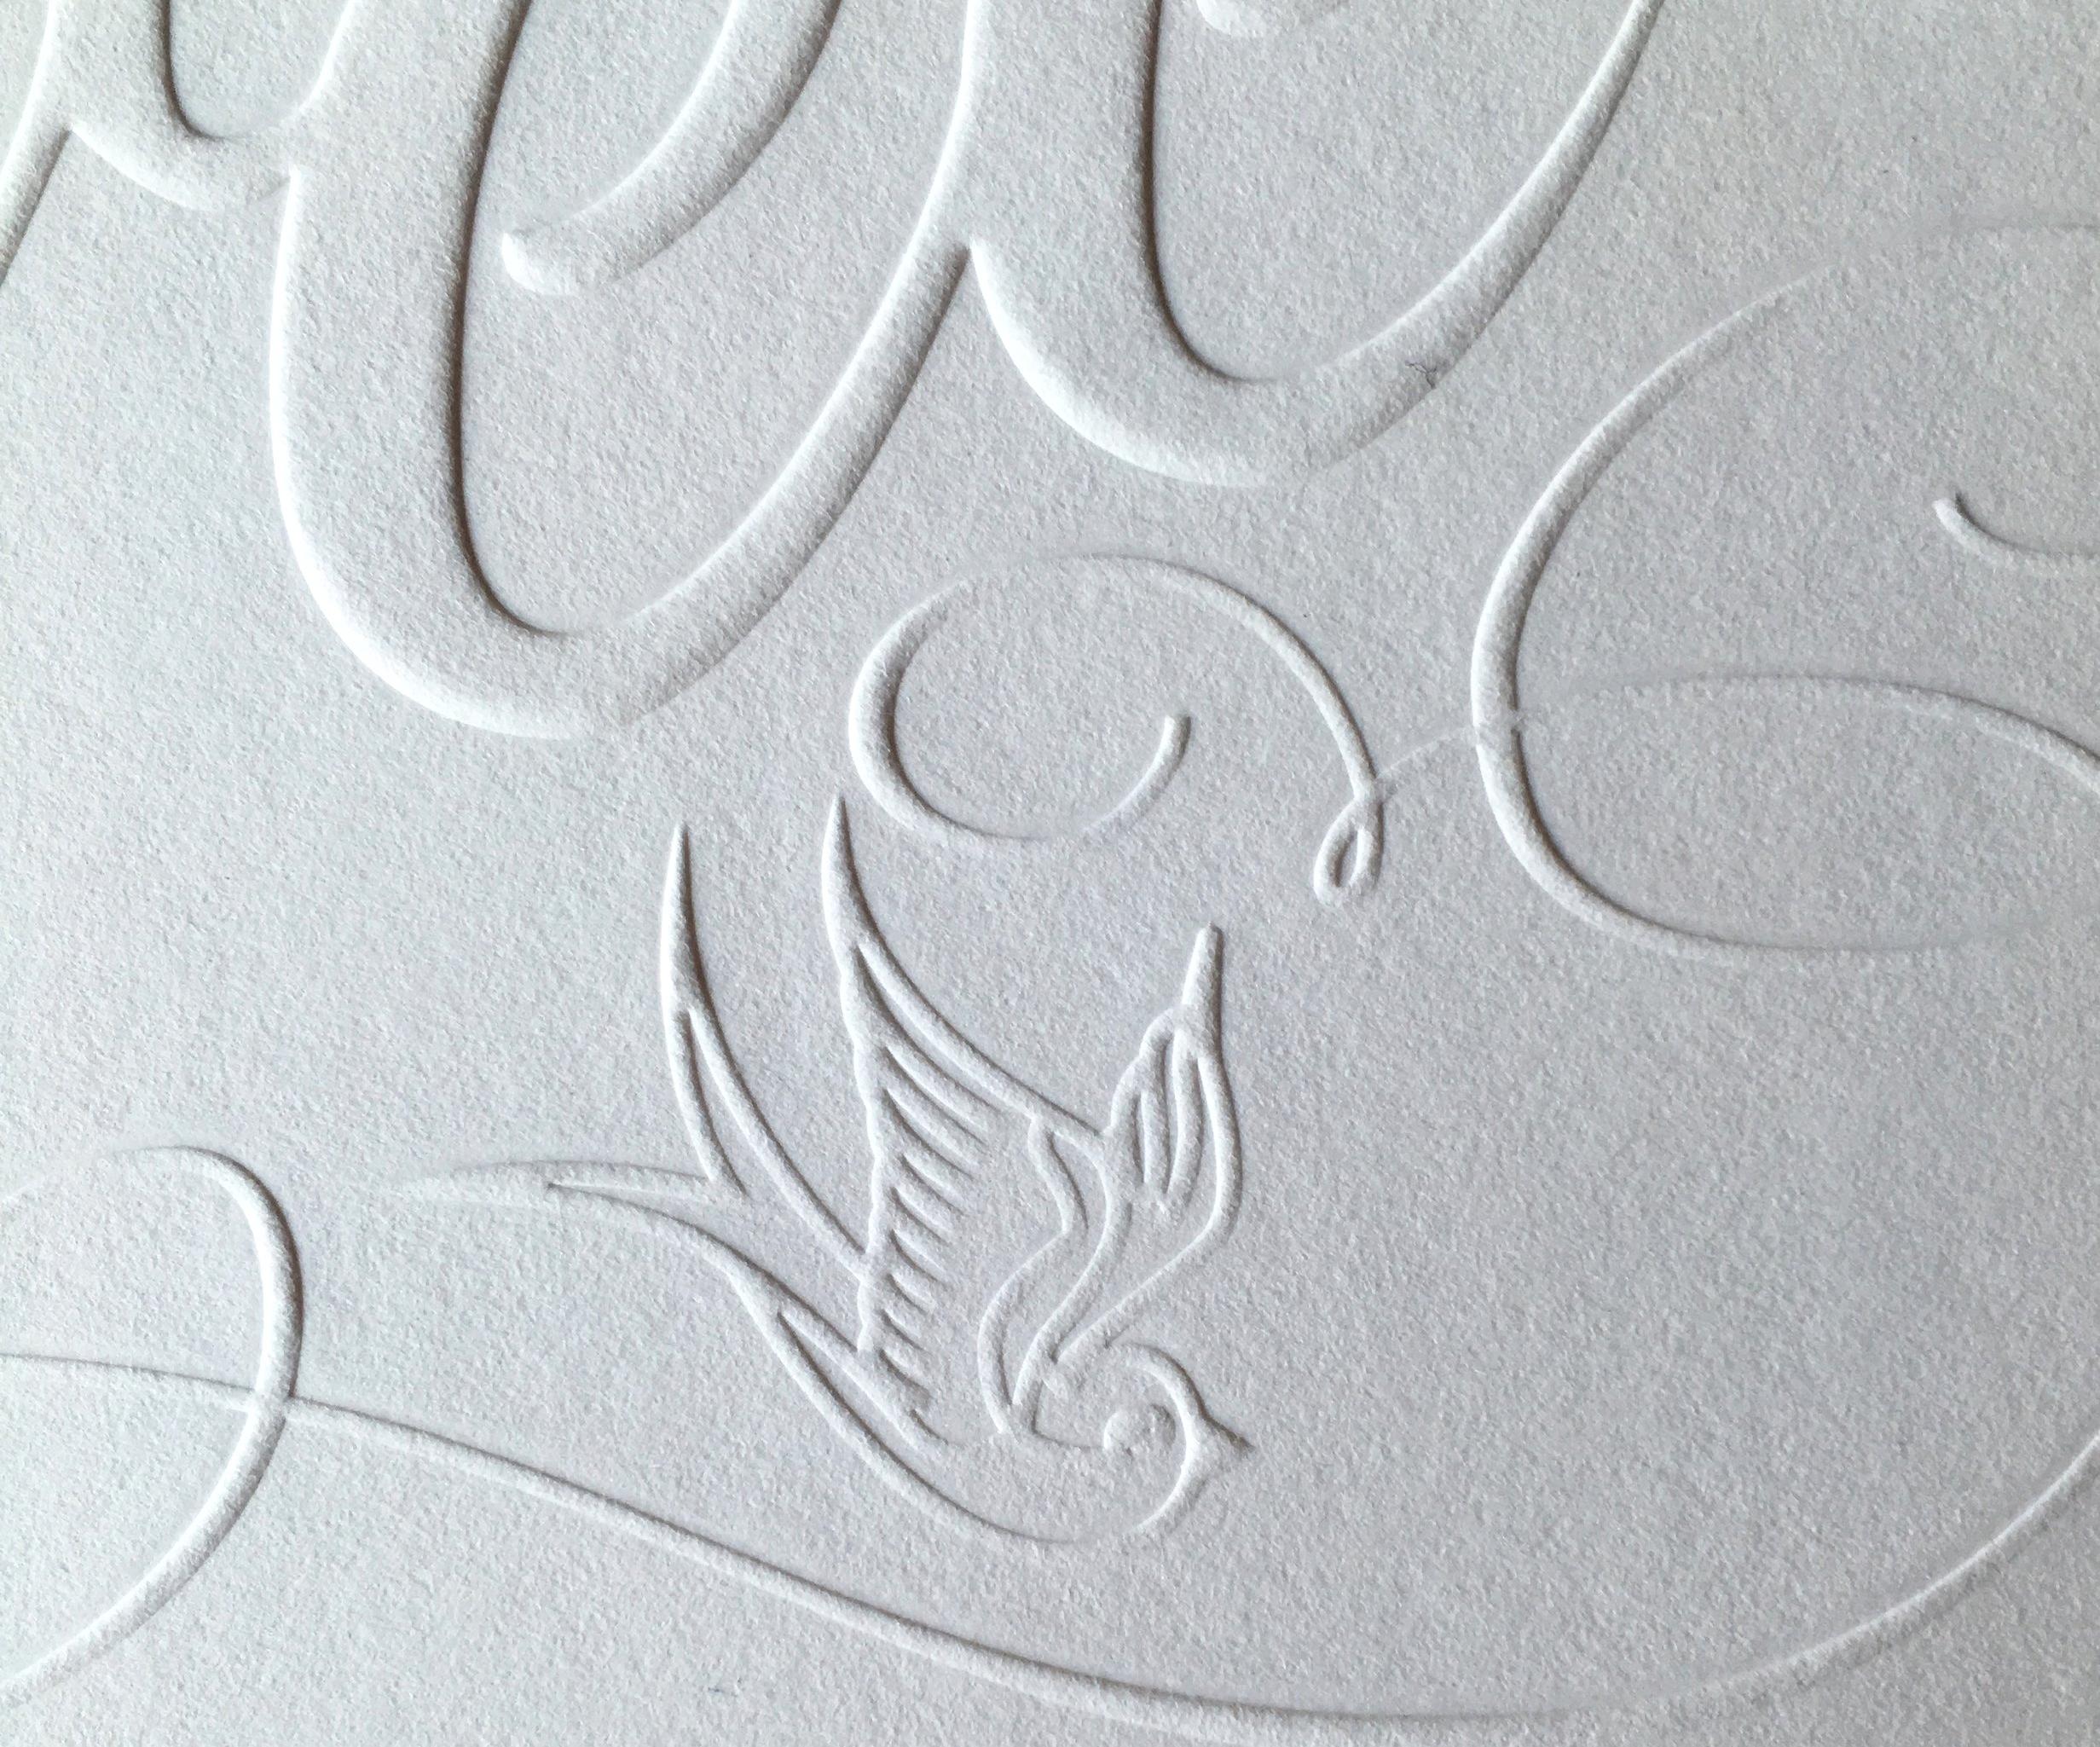 swallow_emboss_letterpress_passepartout.jpg